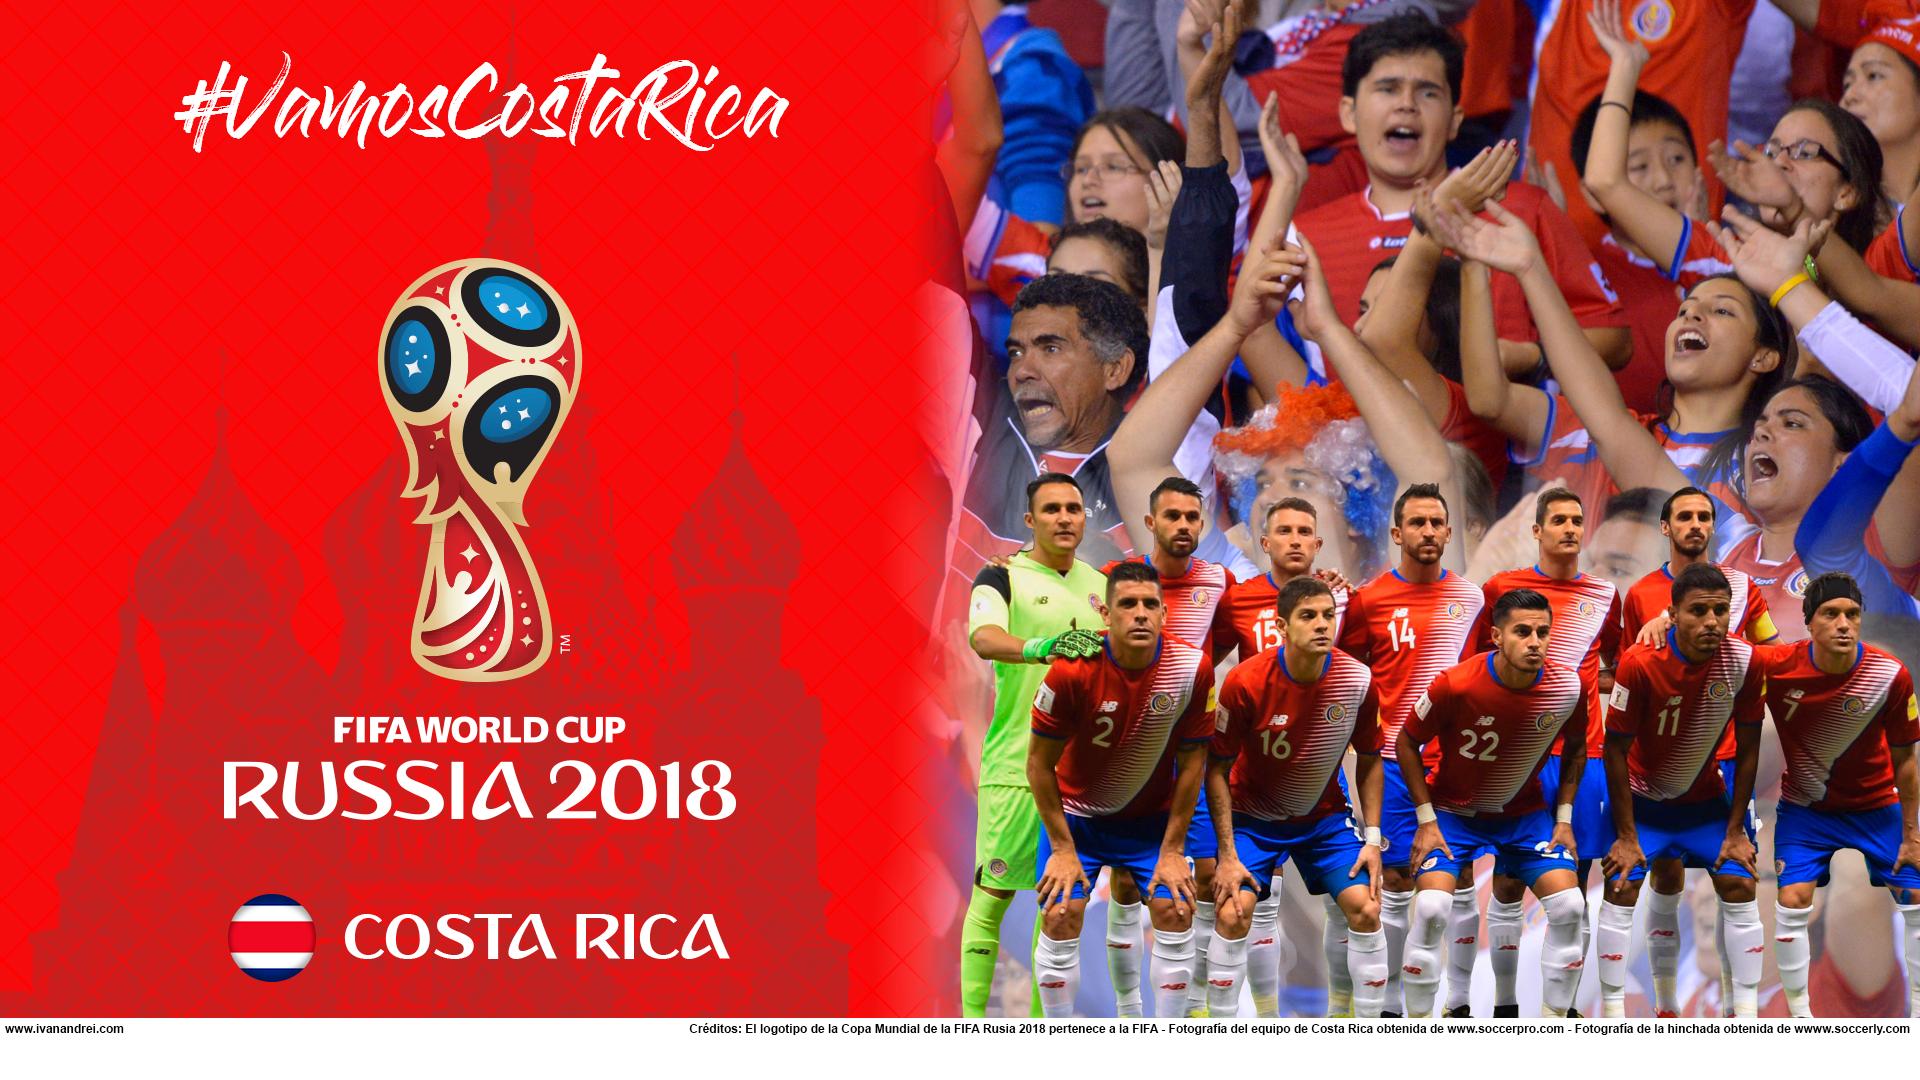 Wallpaper de la selección costarricence de fútbol para la Copa Mundial de la FIFA - Rusia 2018 - Edición para PC (1920x1080)